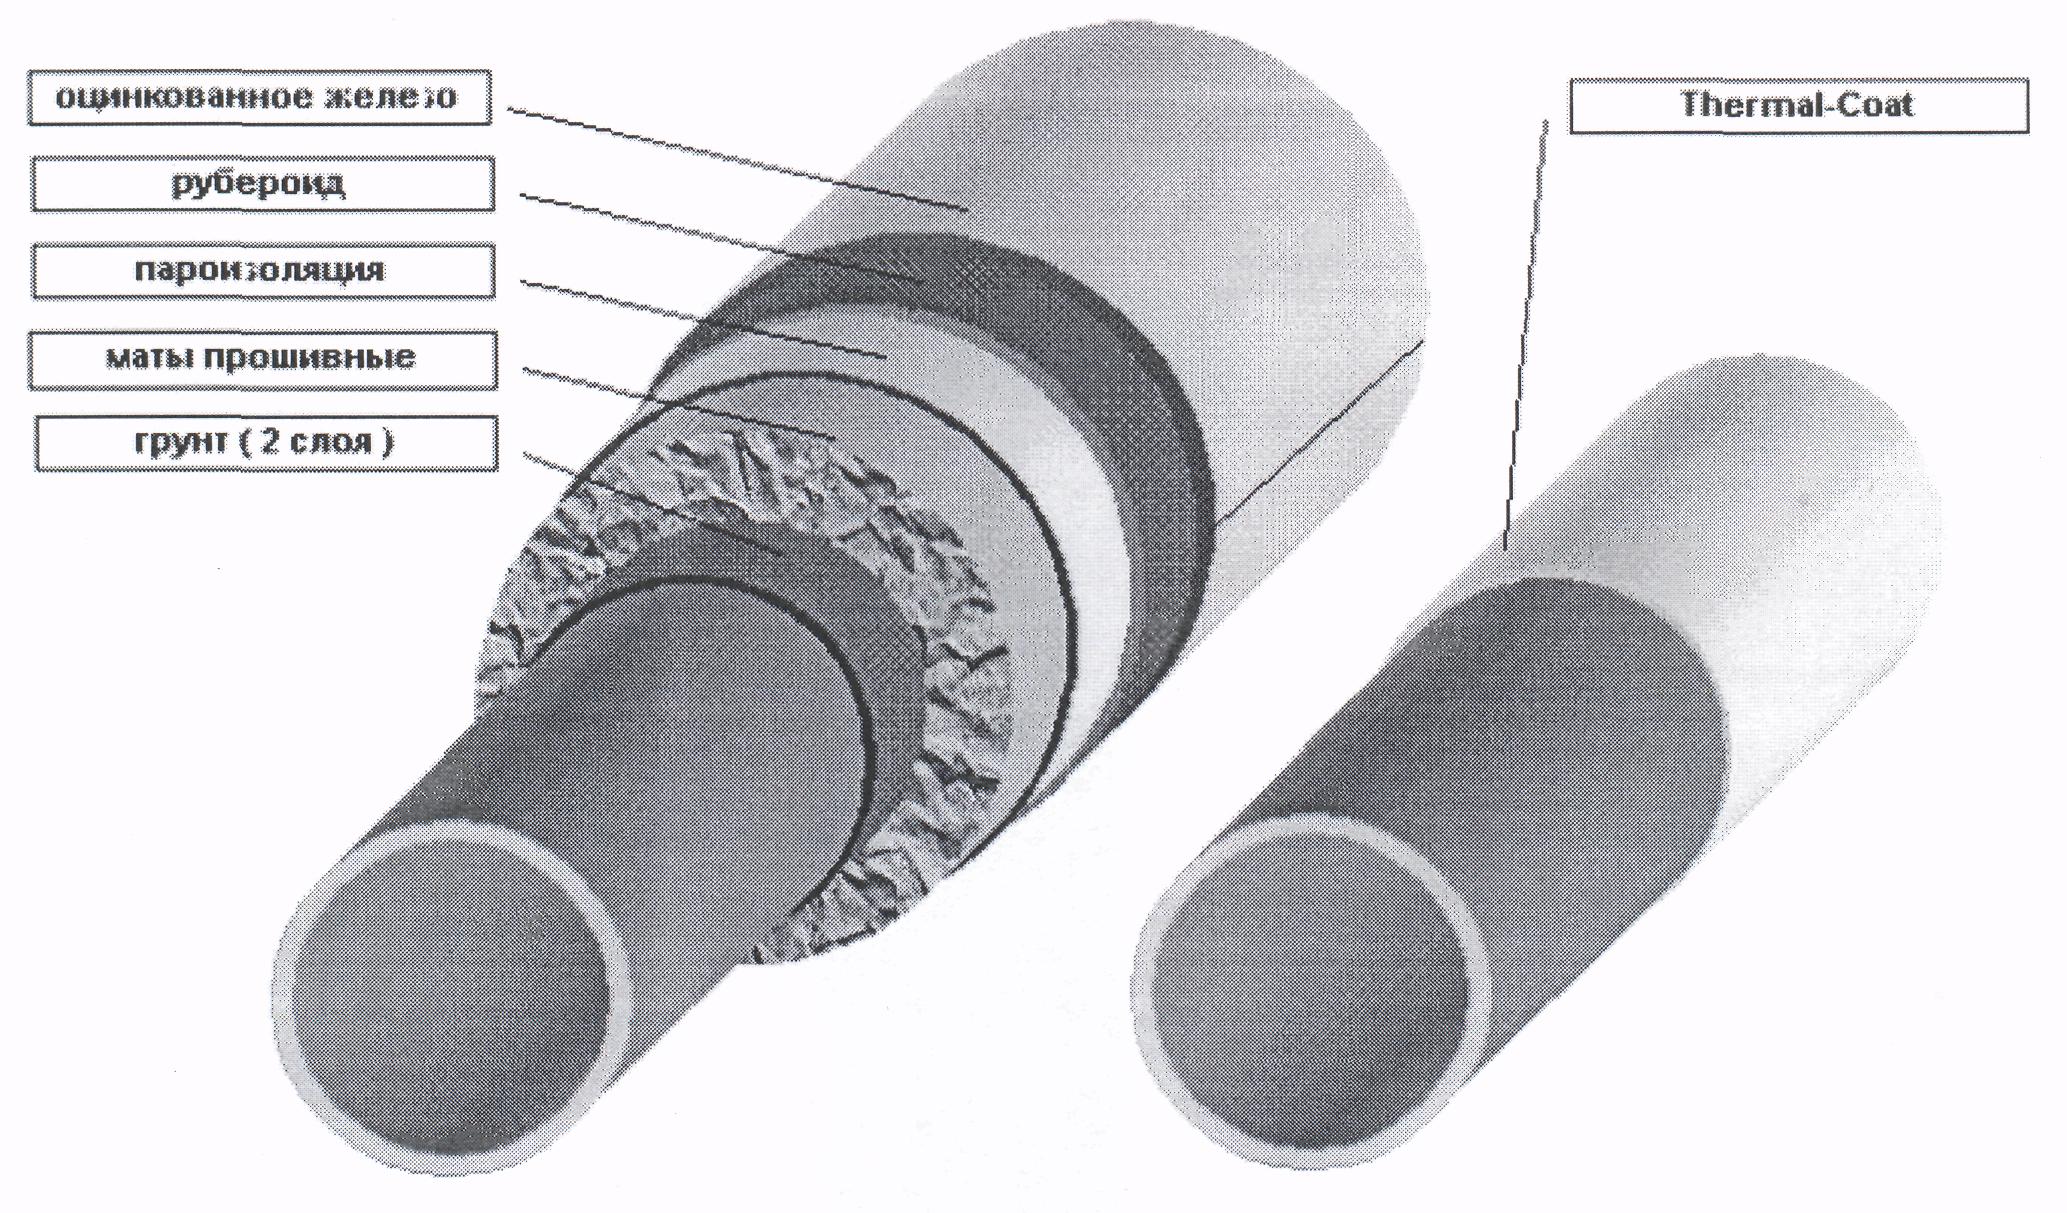 Монтаж изоляции трубопроводов: свойства и особенности выбора материалов